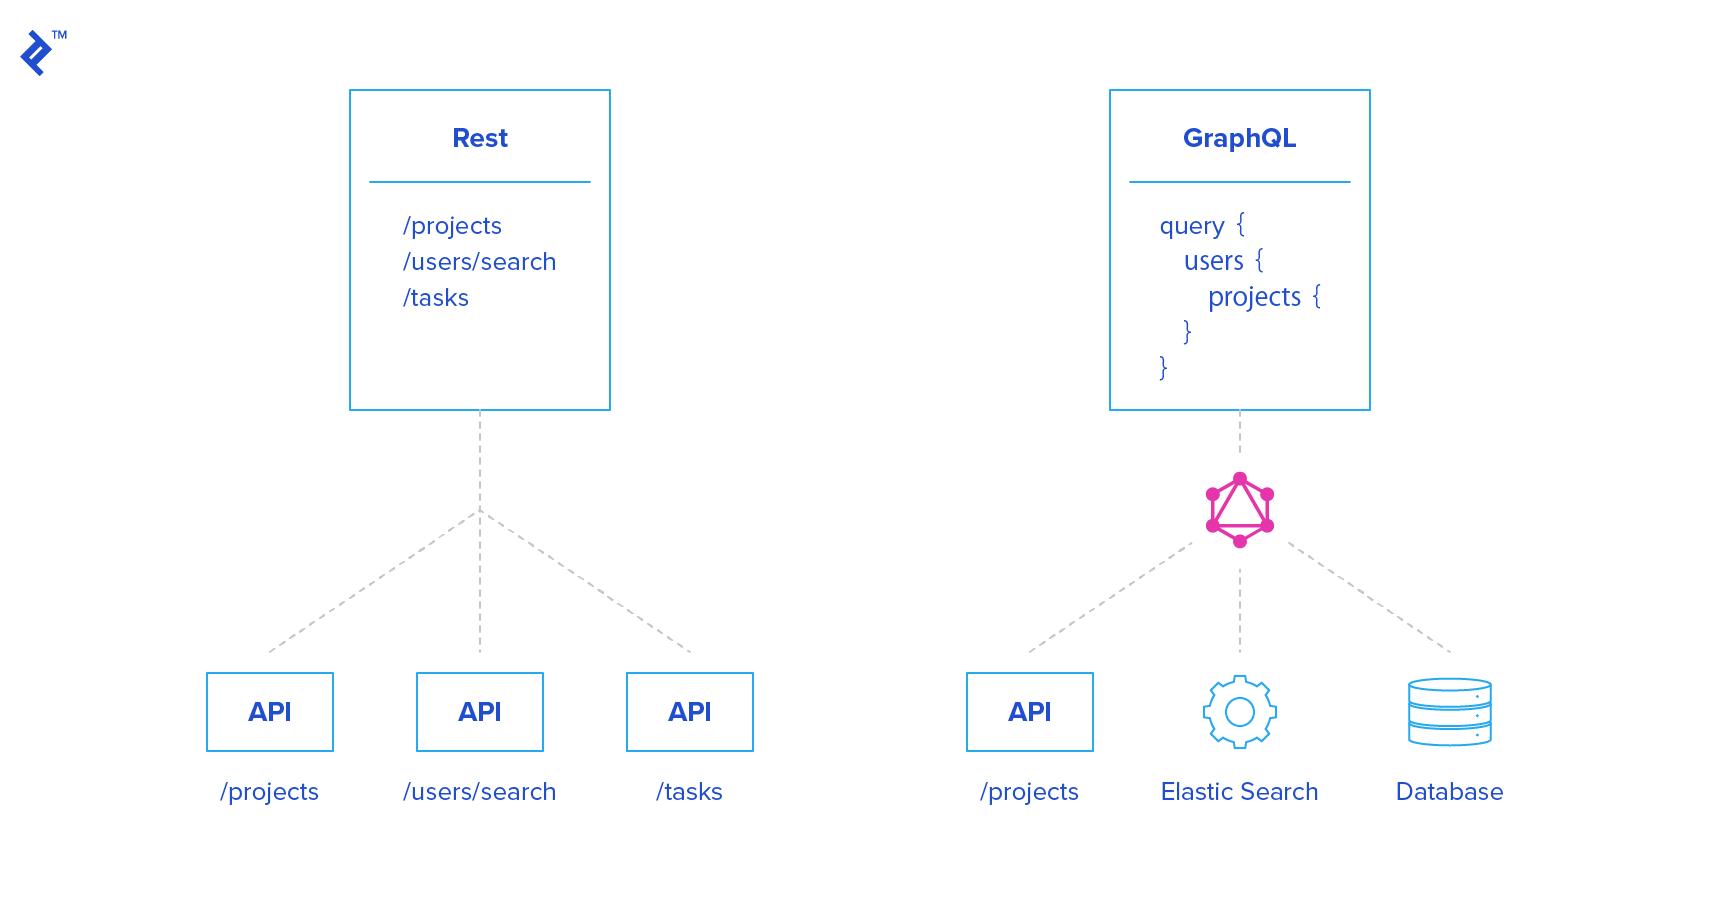 Comparisons of GraphQL vs. REST endpoints